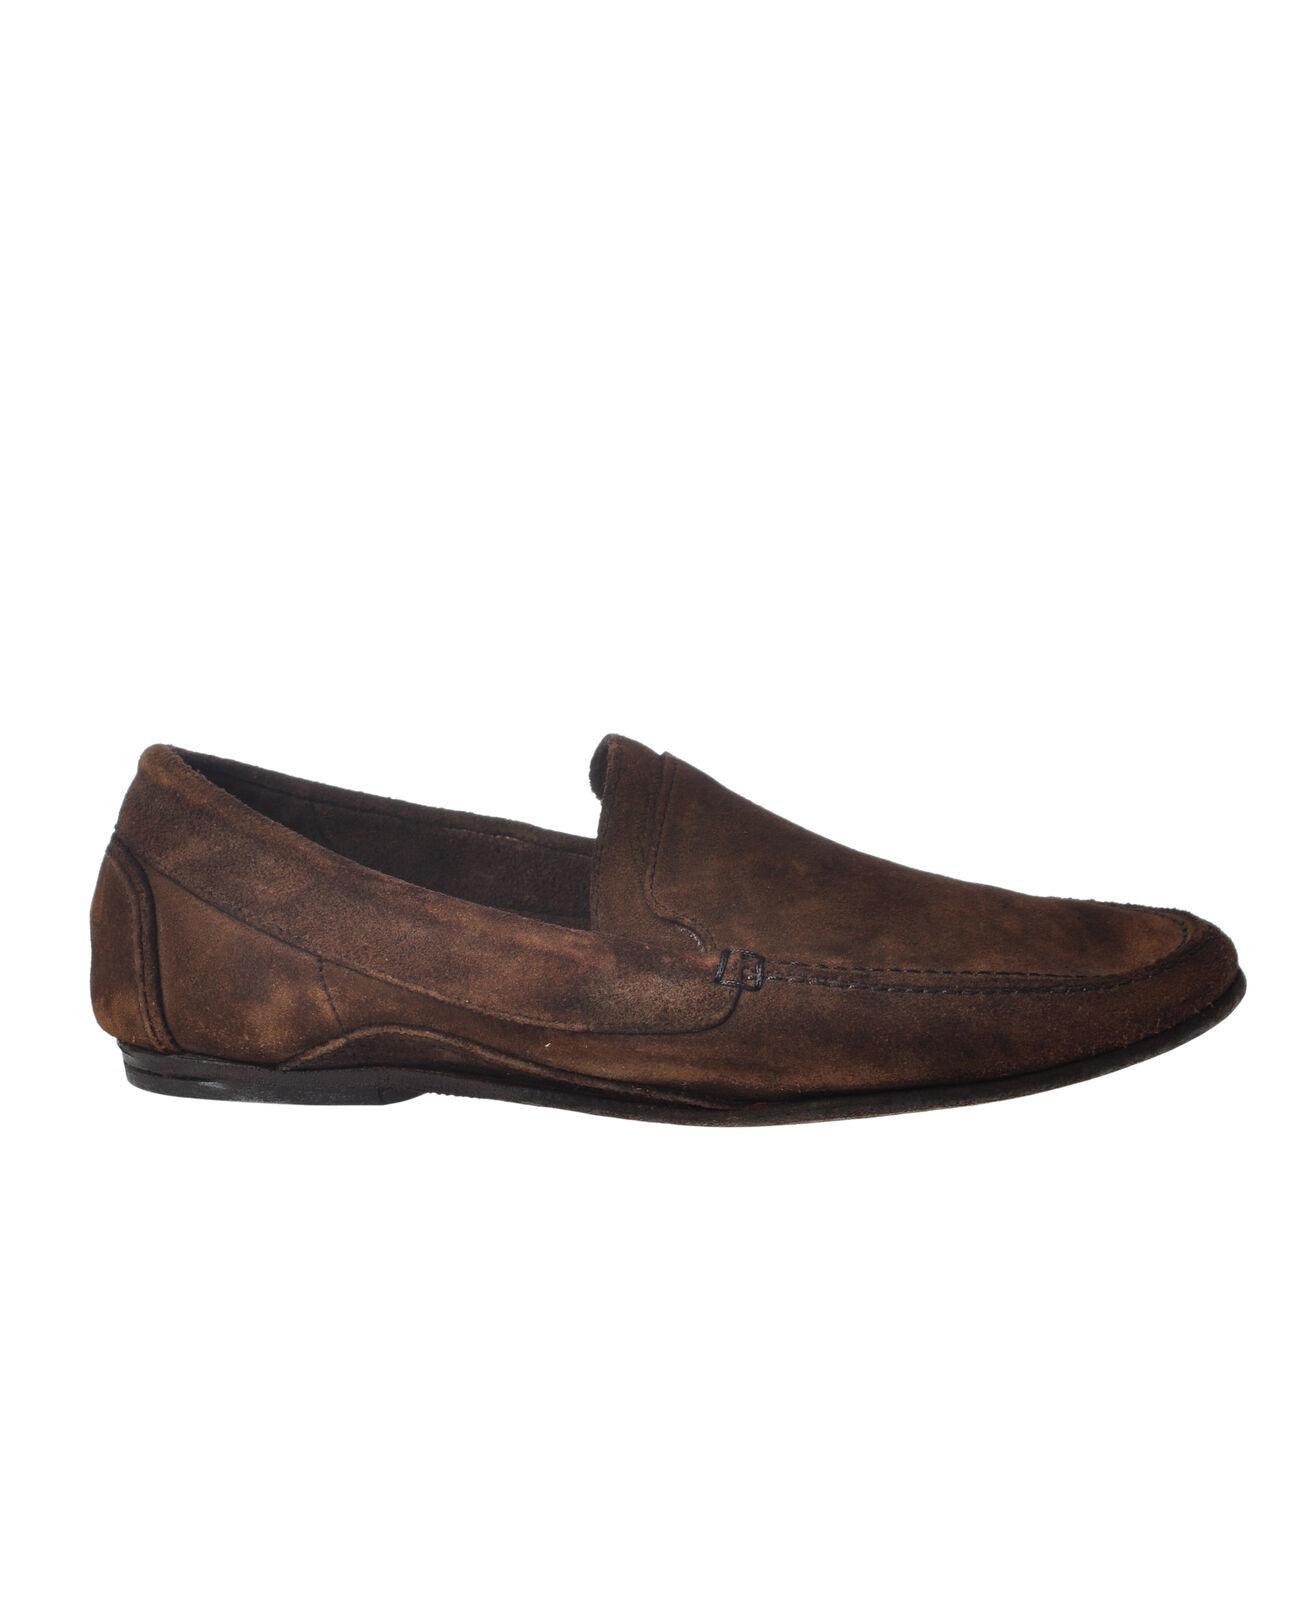 Bruno BORDESE-Mocassini-Male-Marrone - 3454121A182124 Scarpe classiche da uomo